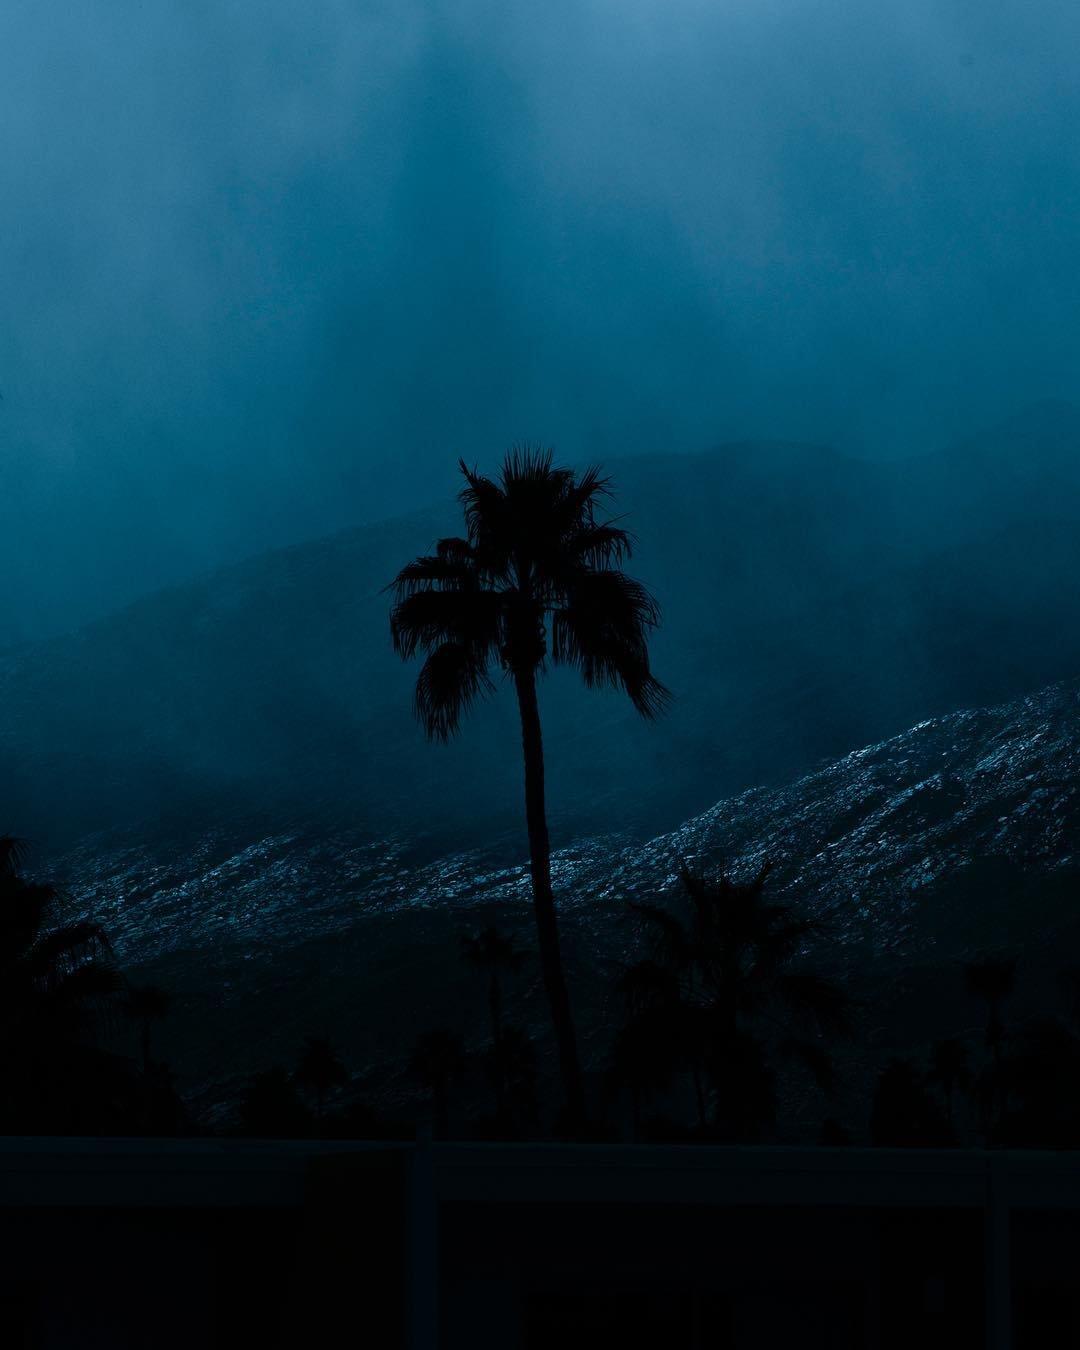 Красота ночи на снимках Нила Крышака